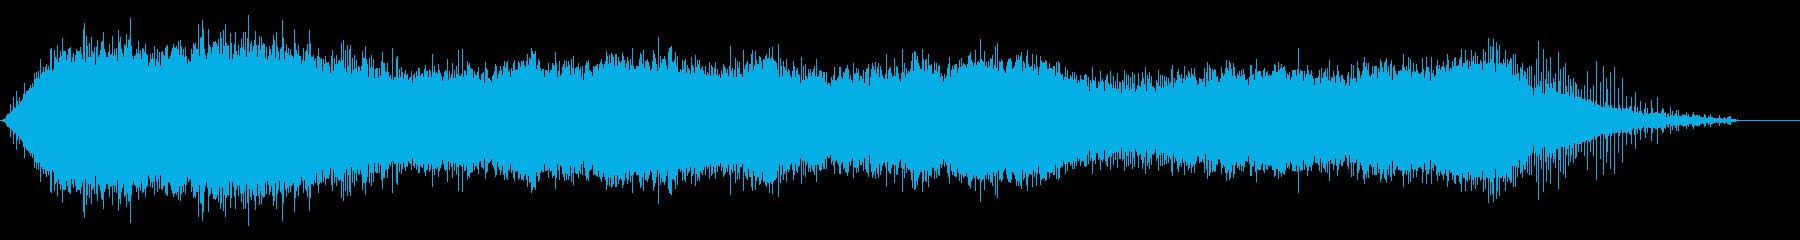 小型の電動ポータブルジグソー:スタ...の再生済みの波形